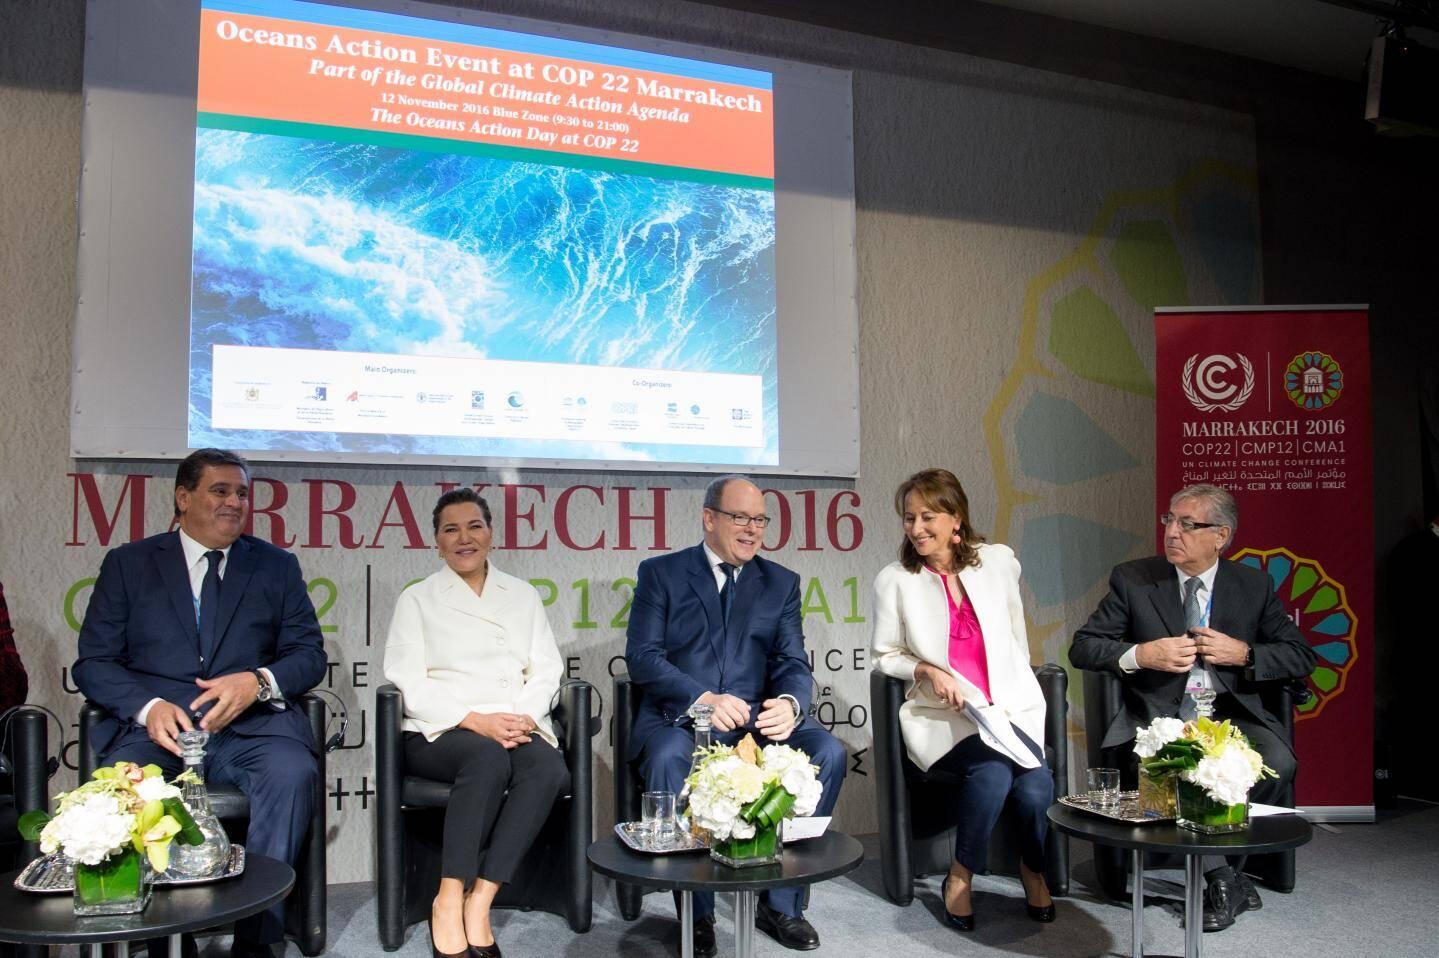 Samedi, le prince Albert II a prononcé le discours d'ouverture de la journée d'action des océans.